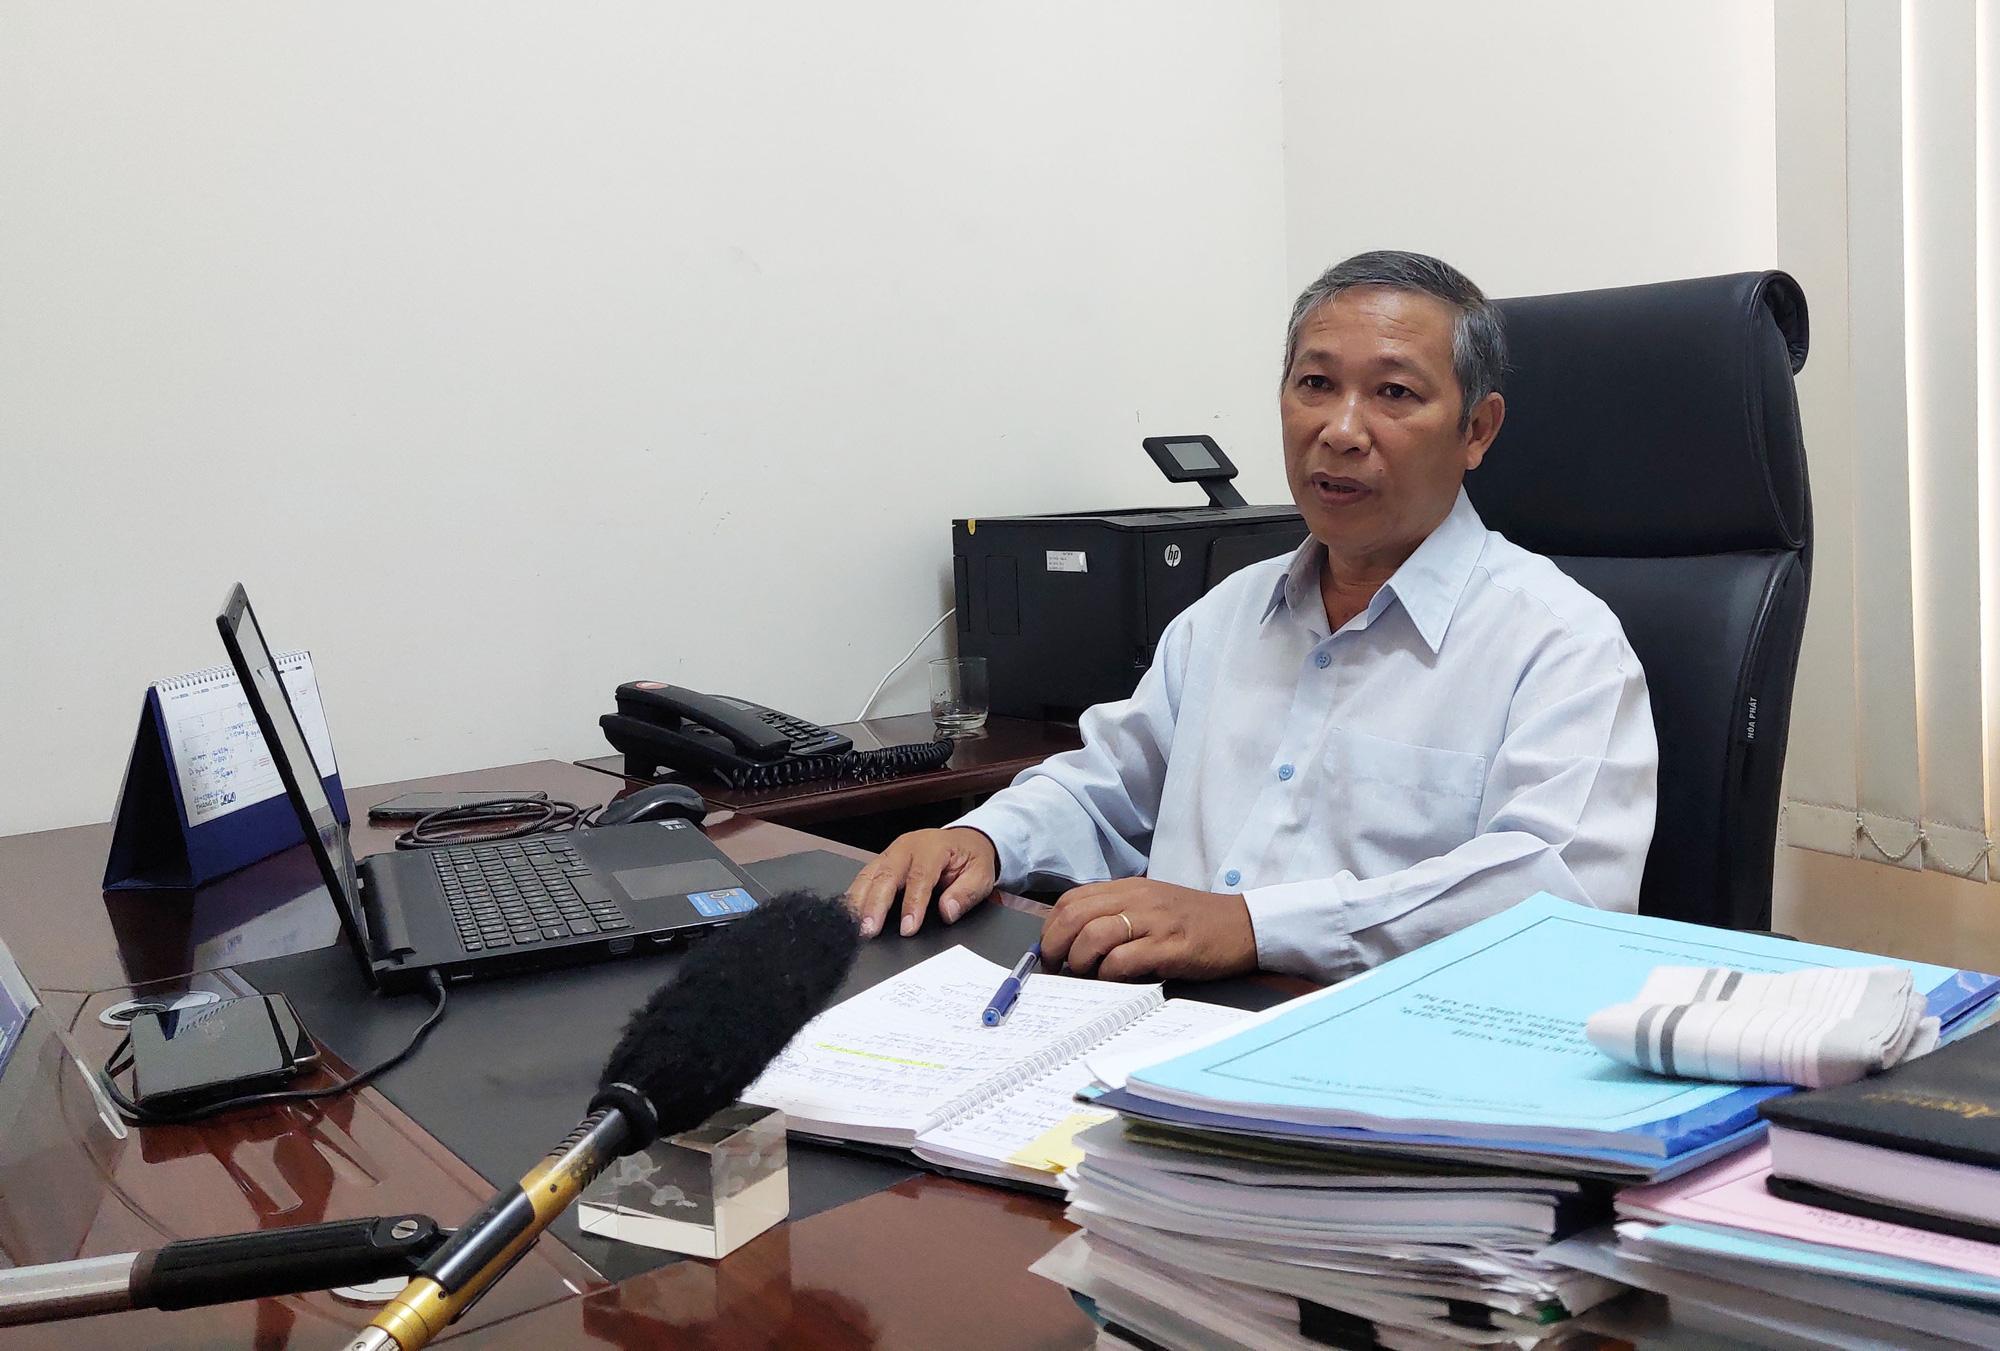 Khánh Hòa: Hàng nghìn lao động mất việc, nhân viên Trung tâm Dịch vụ việc làm mướt mồ hôi giải quyết hồ sơ - Ảnh 4.